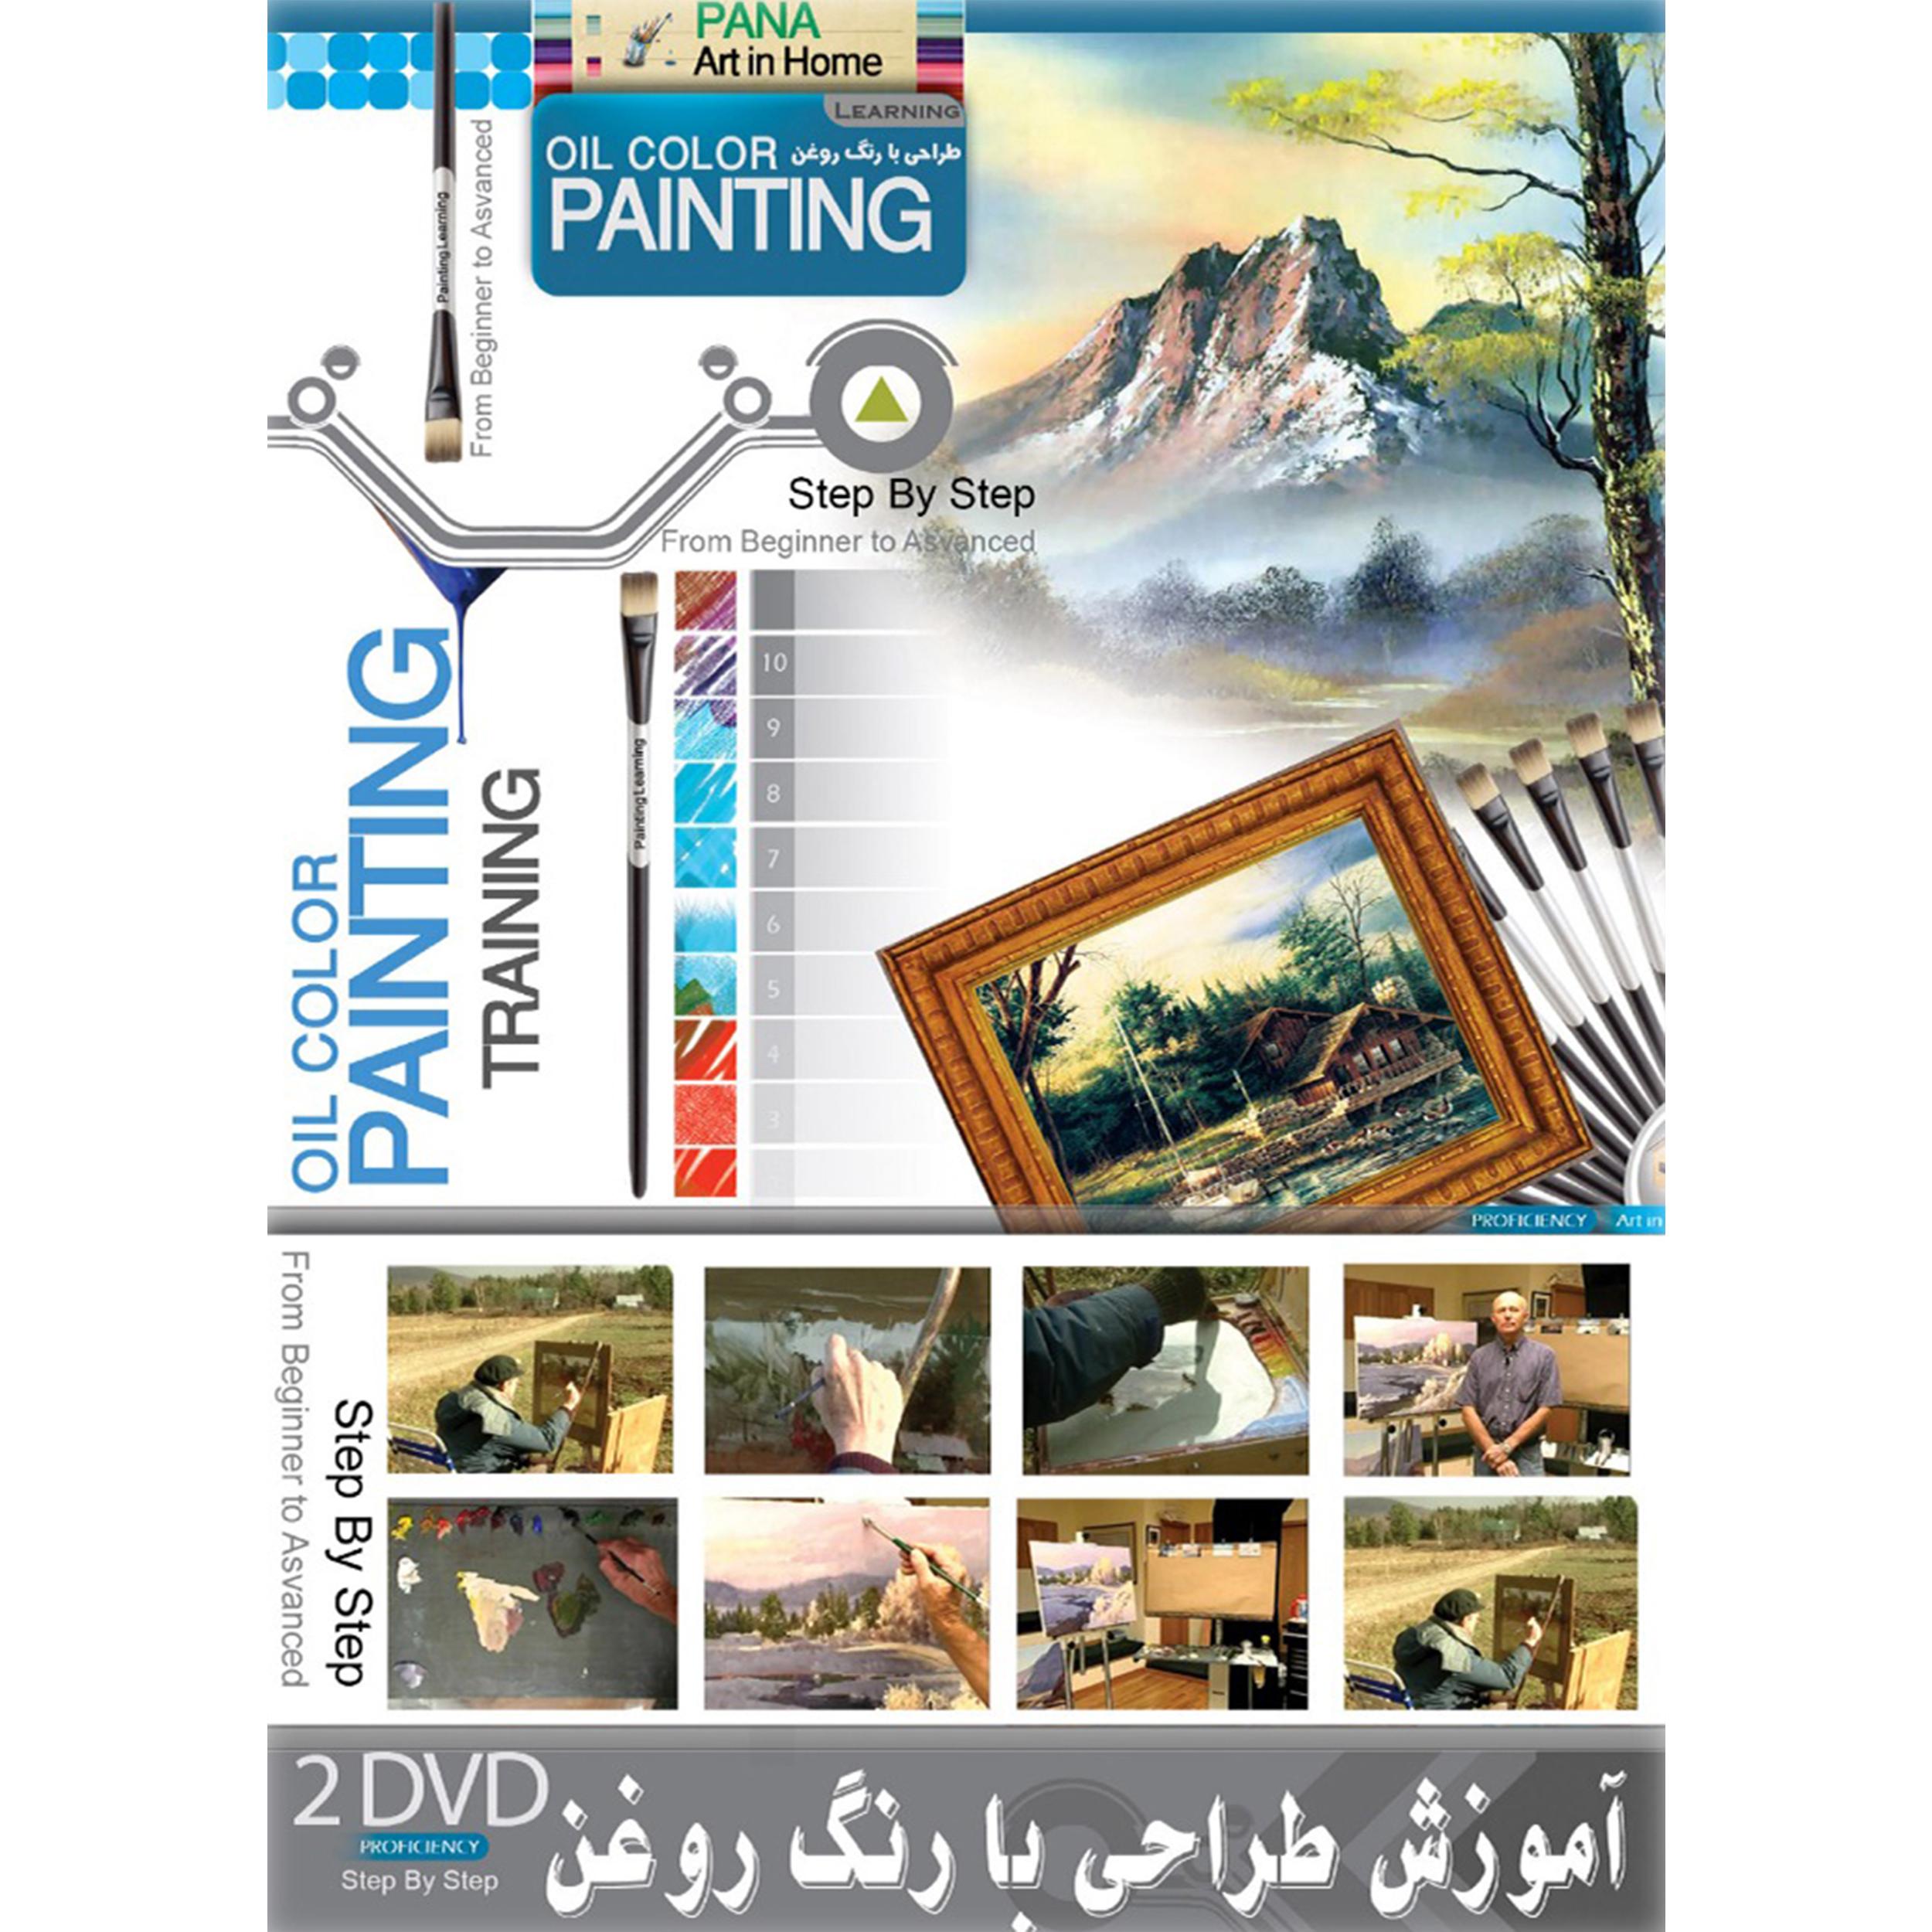 نرم افزار آموزش طراحی با رنگ روغن نشر موسسه فرهنگی دیجیتال پاناپرداز آریا